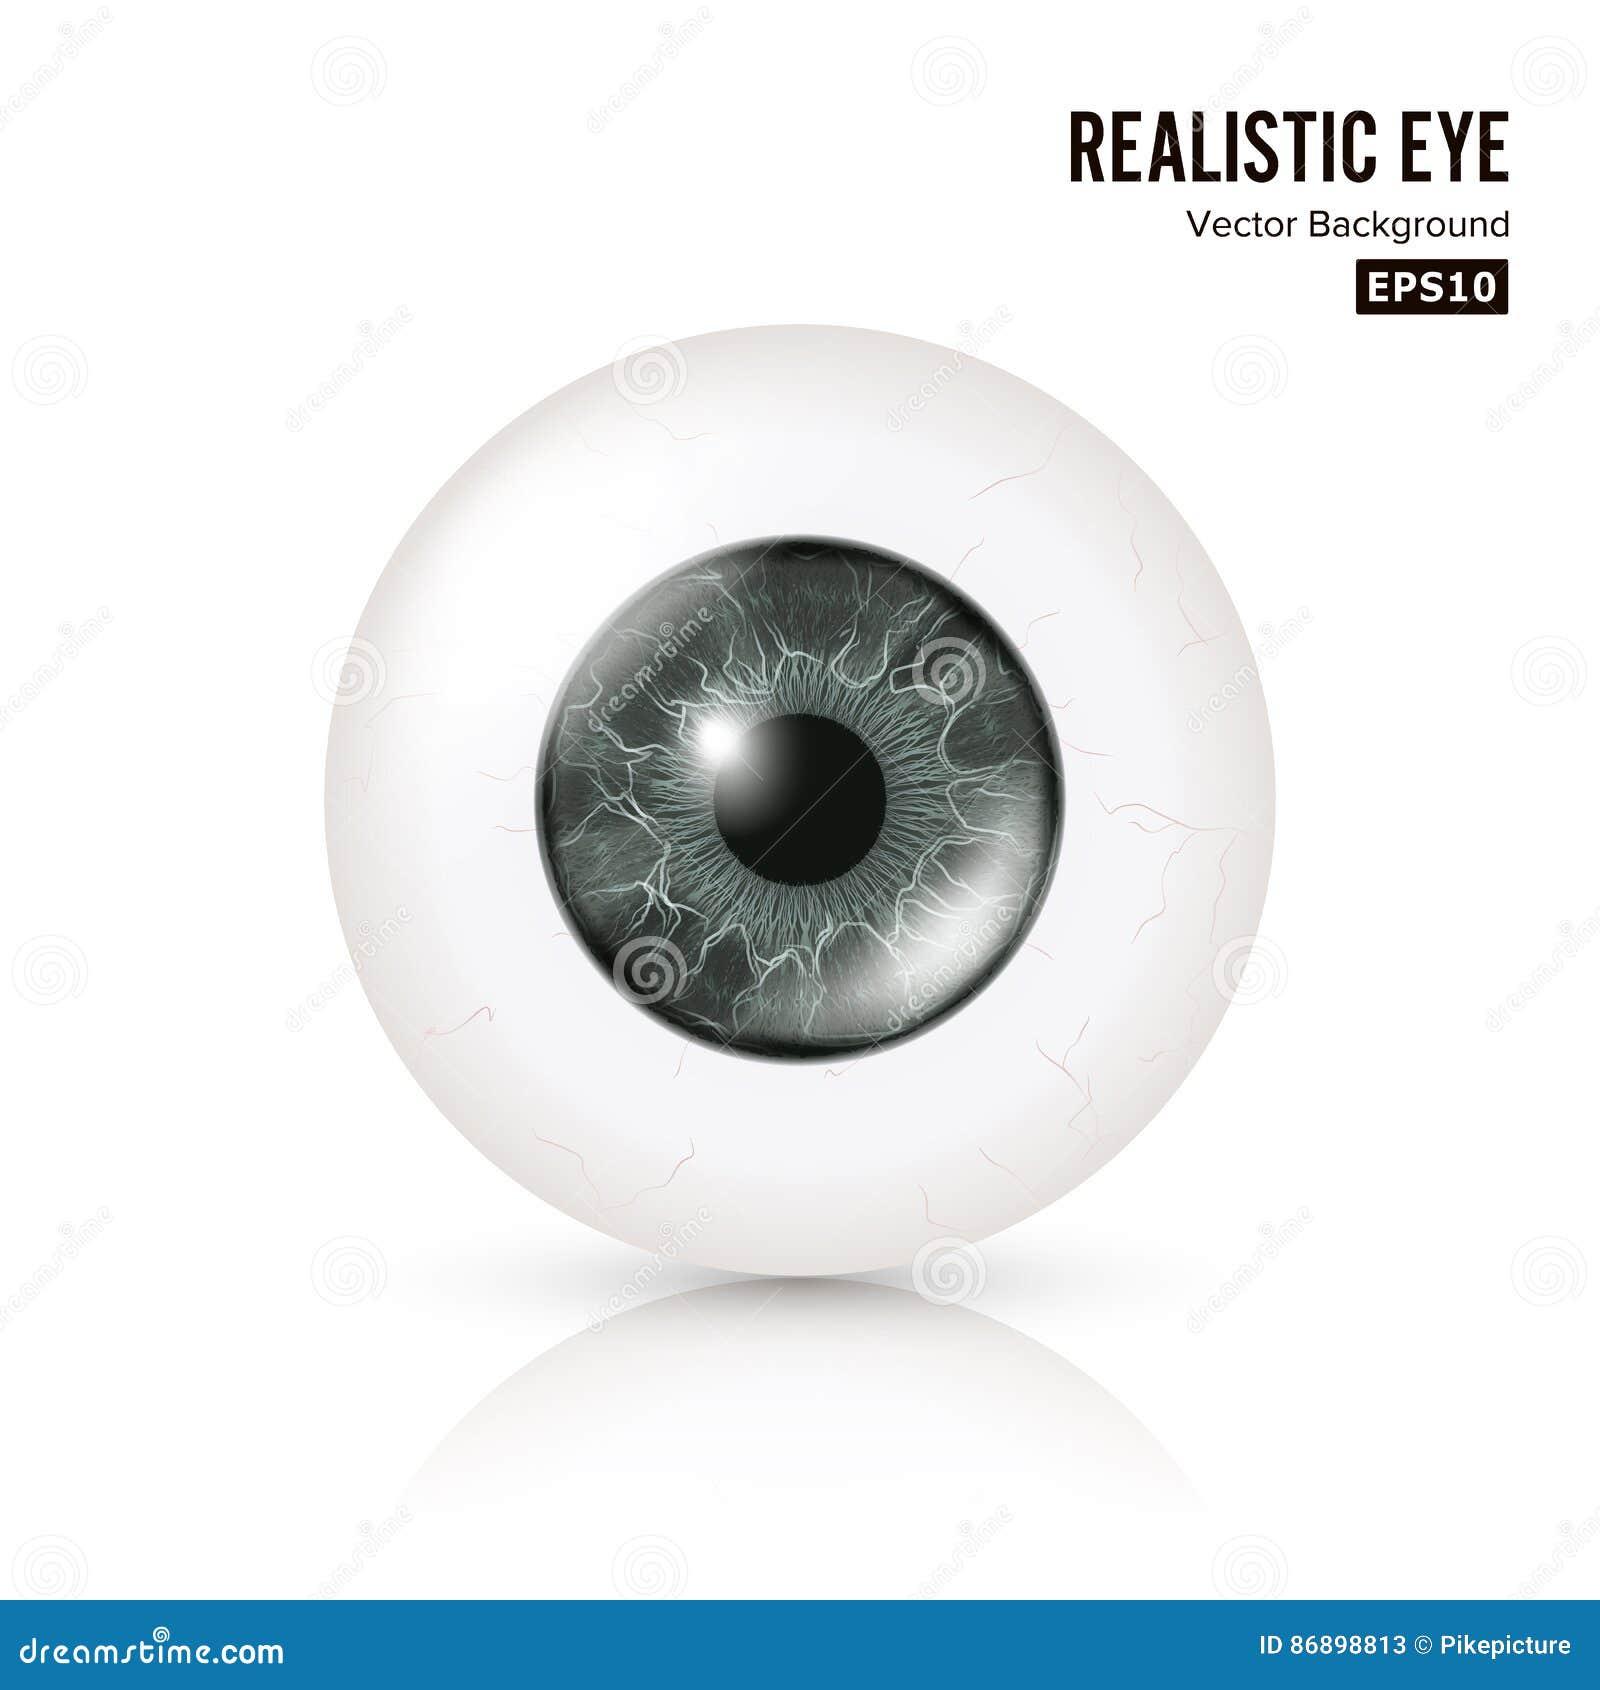 Auge realistisch Vector Illustration menschlichen glatten Foto 3d Rrealistic-Auges mit Schatten und Reflexion Front View